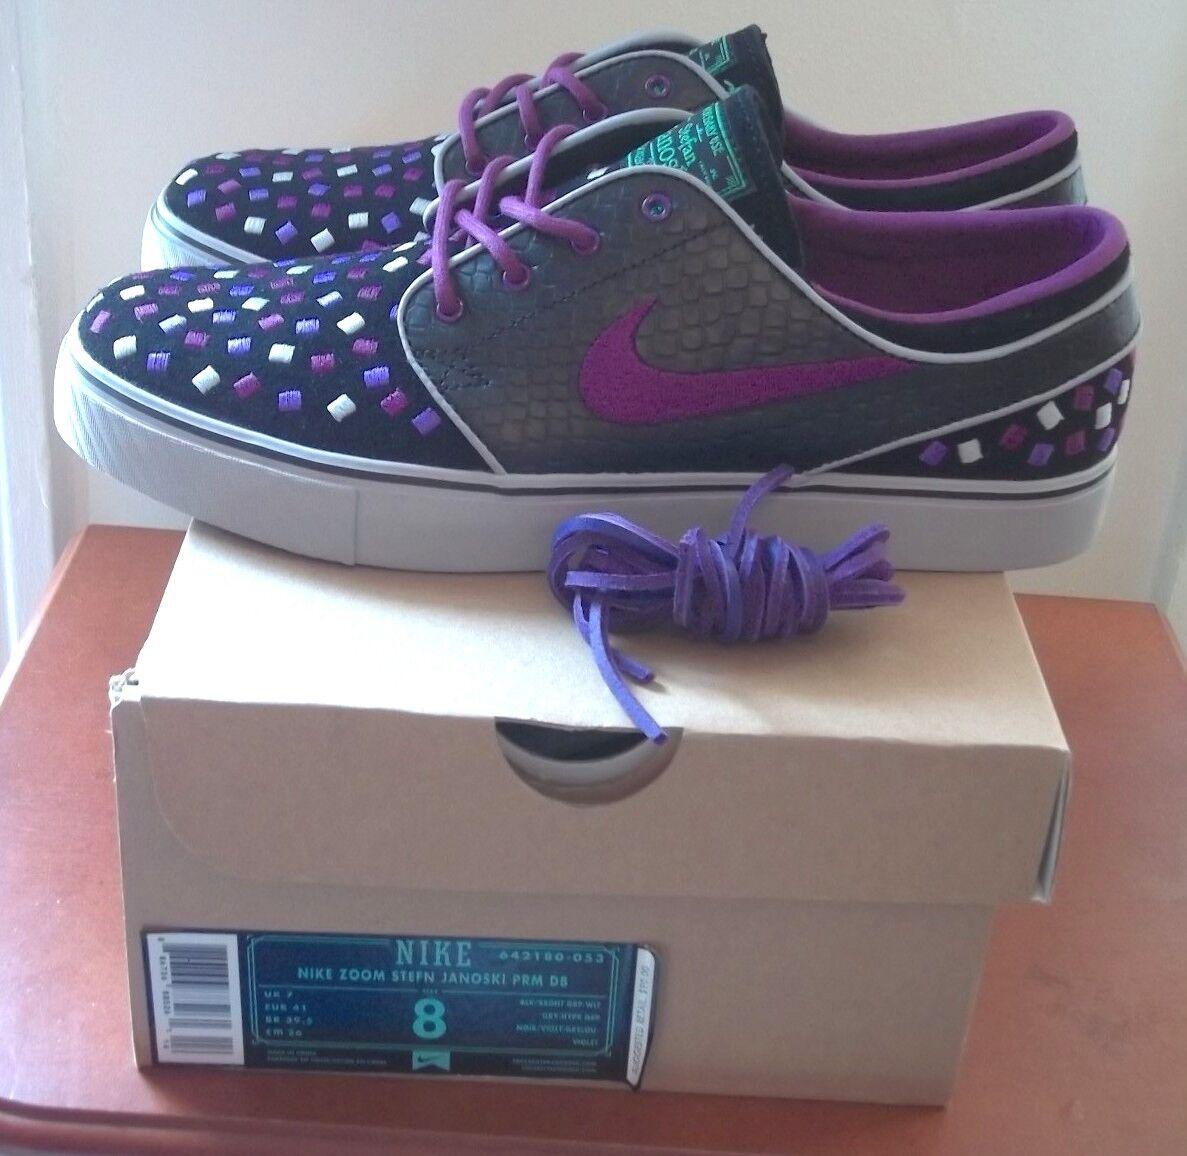 Nueva Janoski Nike SB zoom Stefan Janoski Nueva SZ 8 dB Doernbecher Premium QS Ross Hathaway PMR 6d9d07